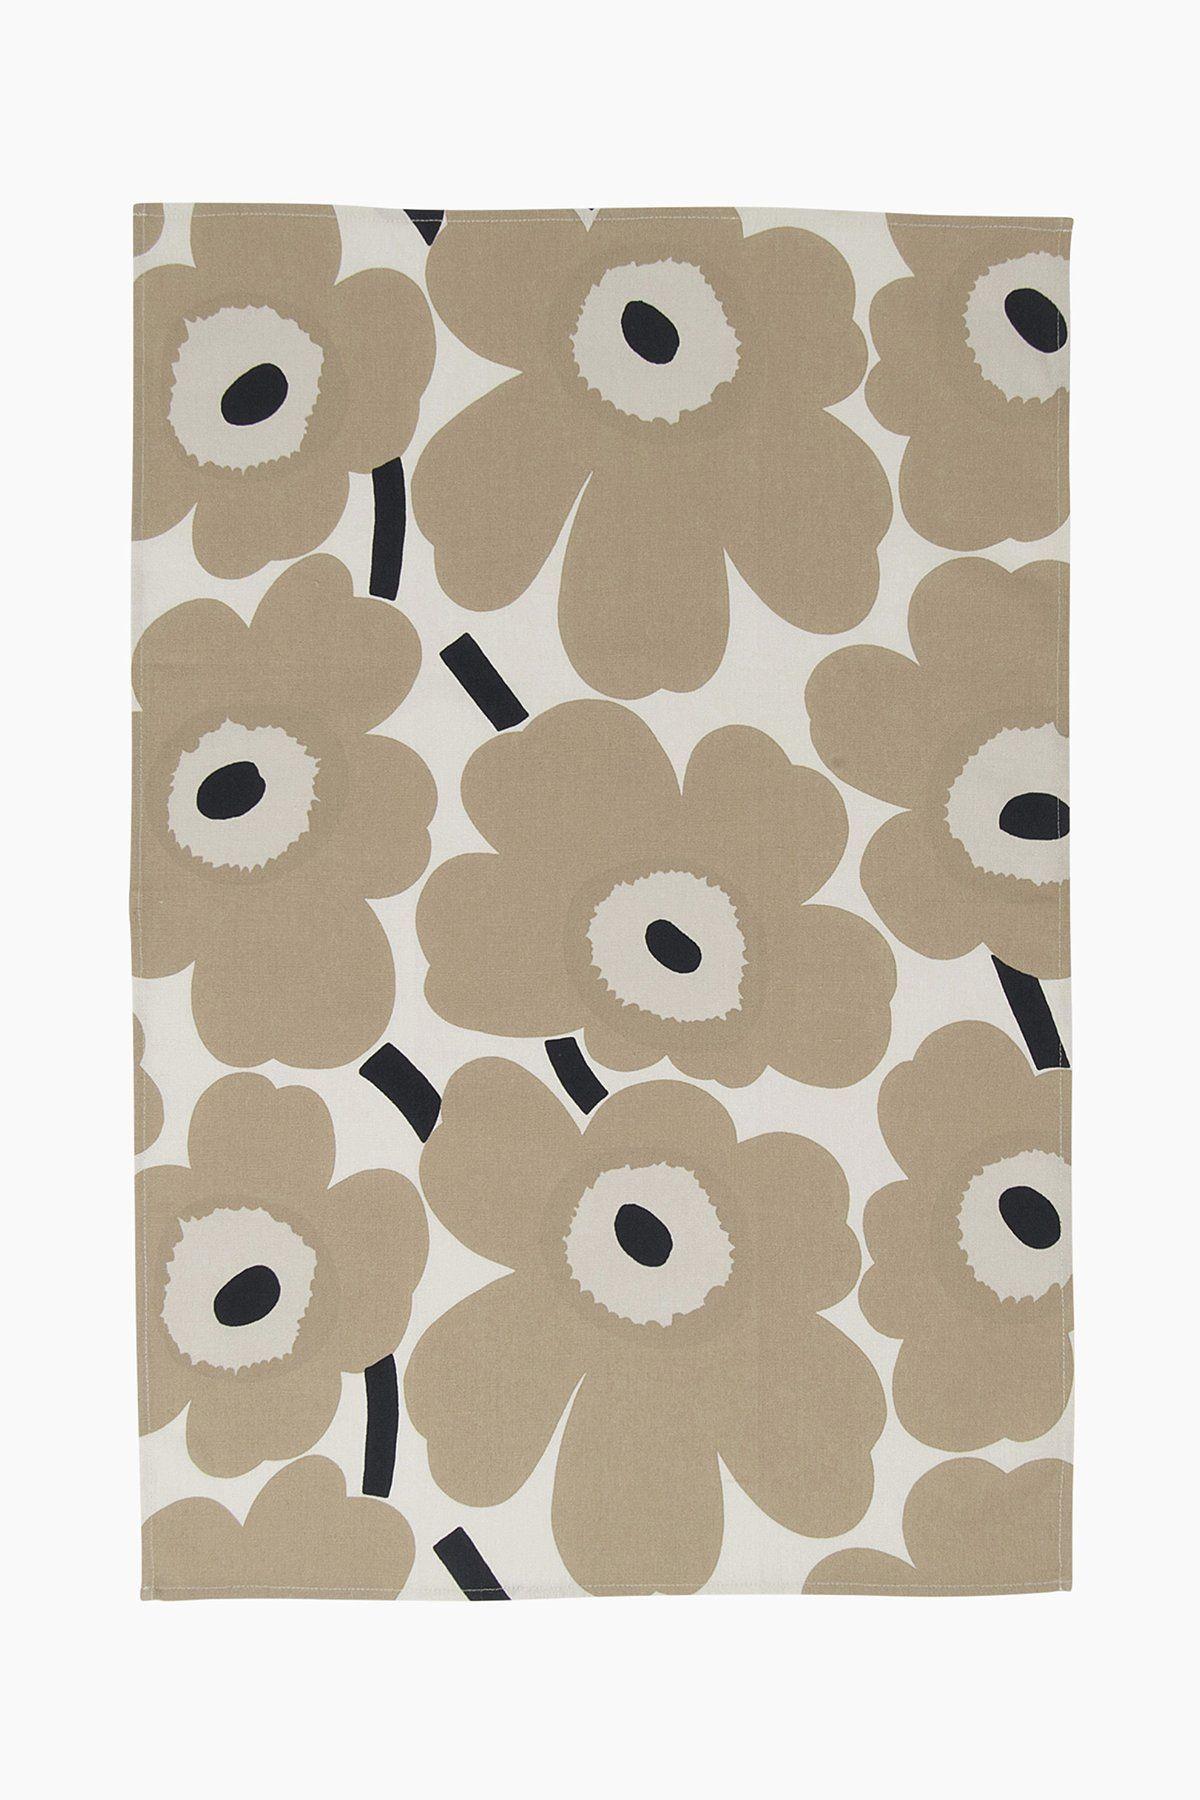 Marimekko Unikko Tea Towel Pair - BEIGE/WHITE/BLUE 185